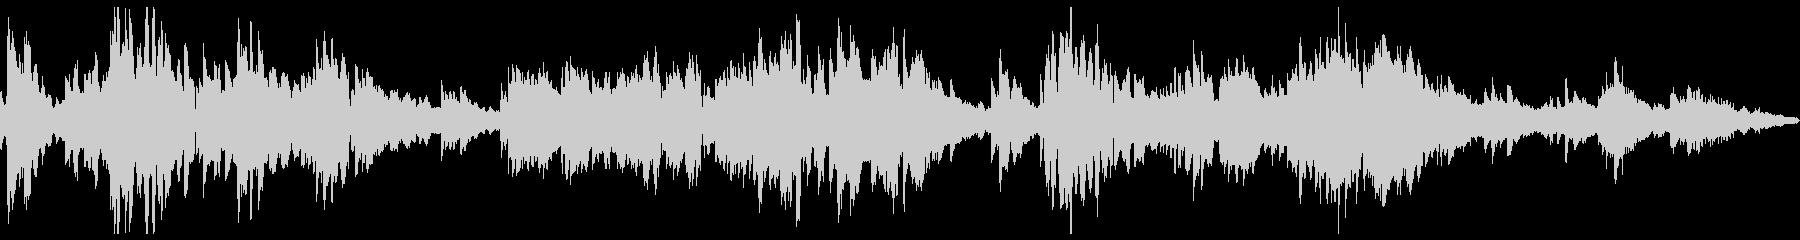 和風音楽-エレピの未再生の波形